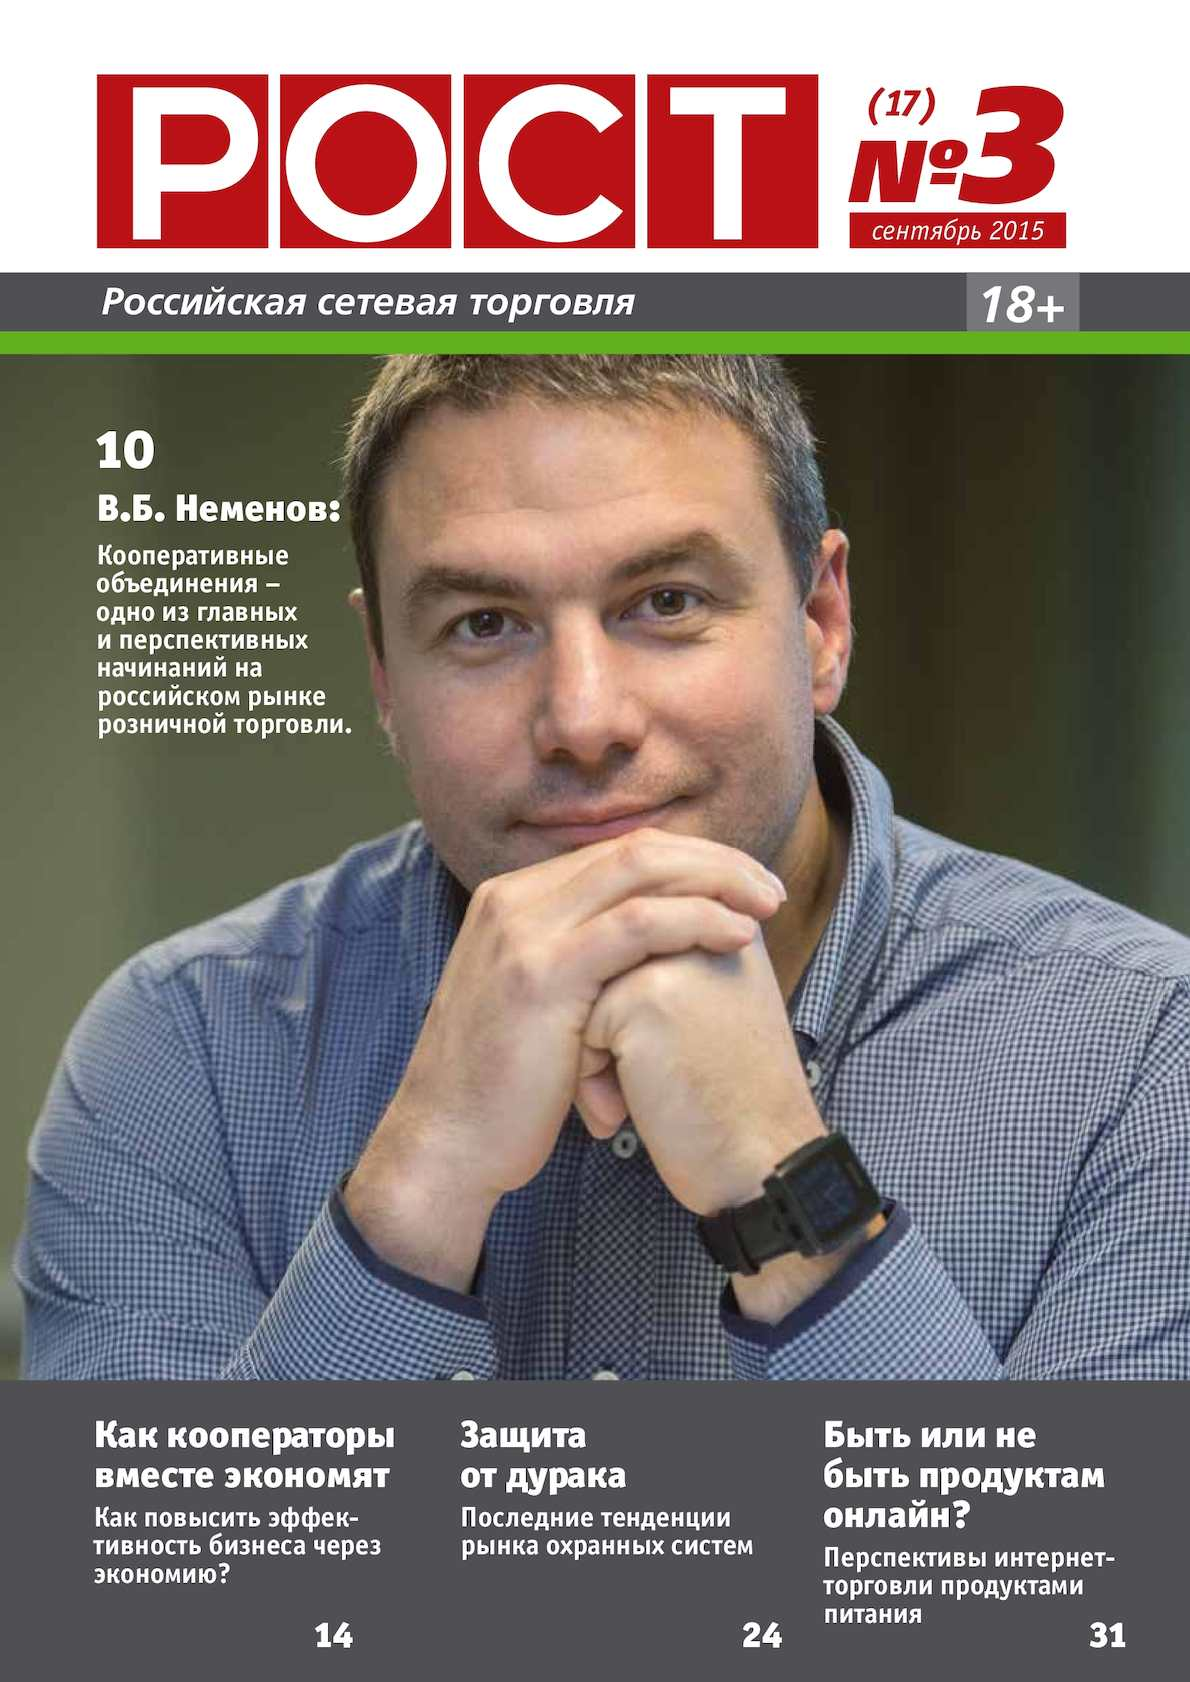 РОСТ. Российская сетевая торговля #3(17), Сентябрь 2015